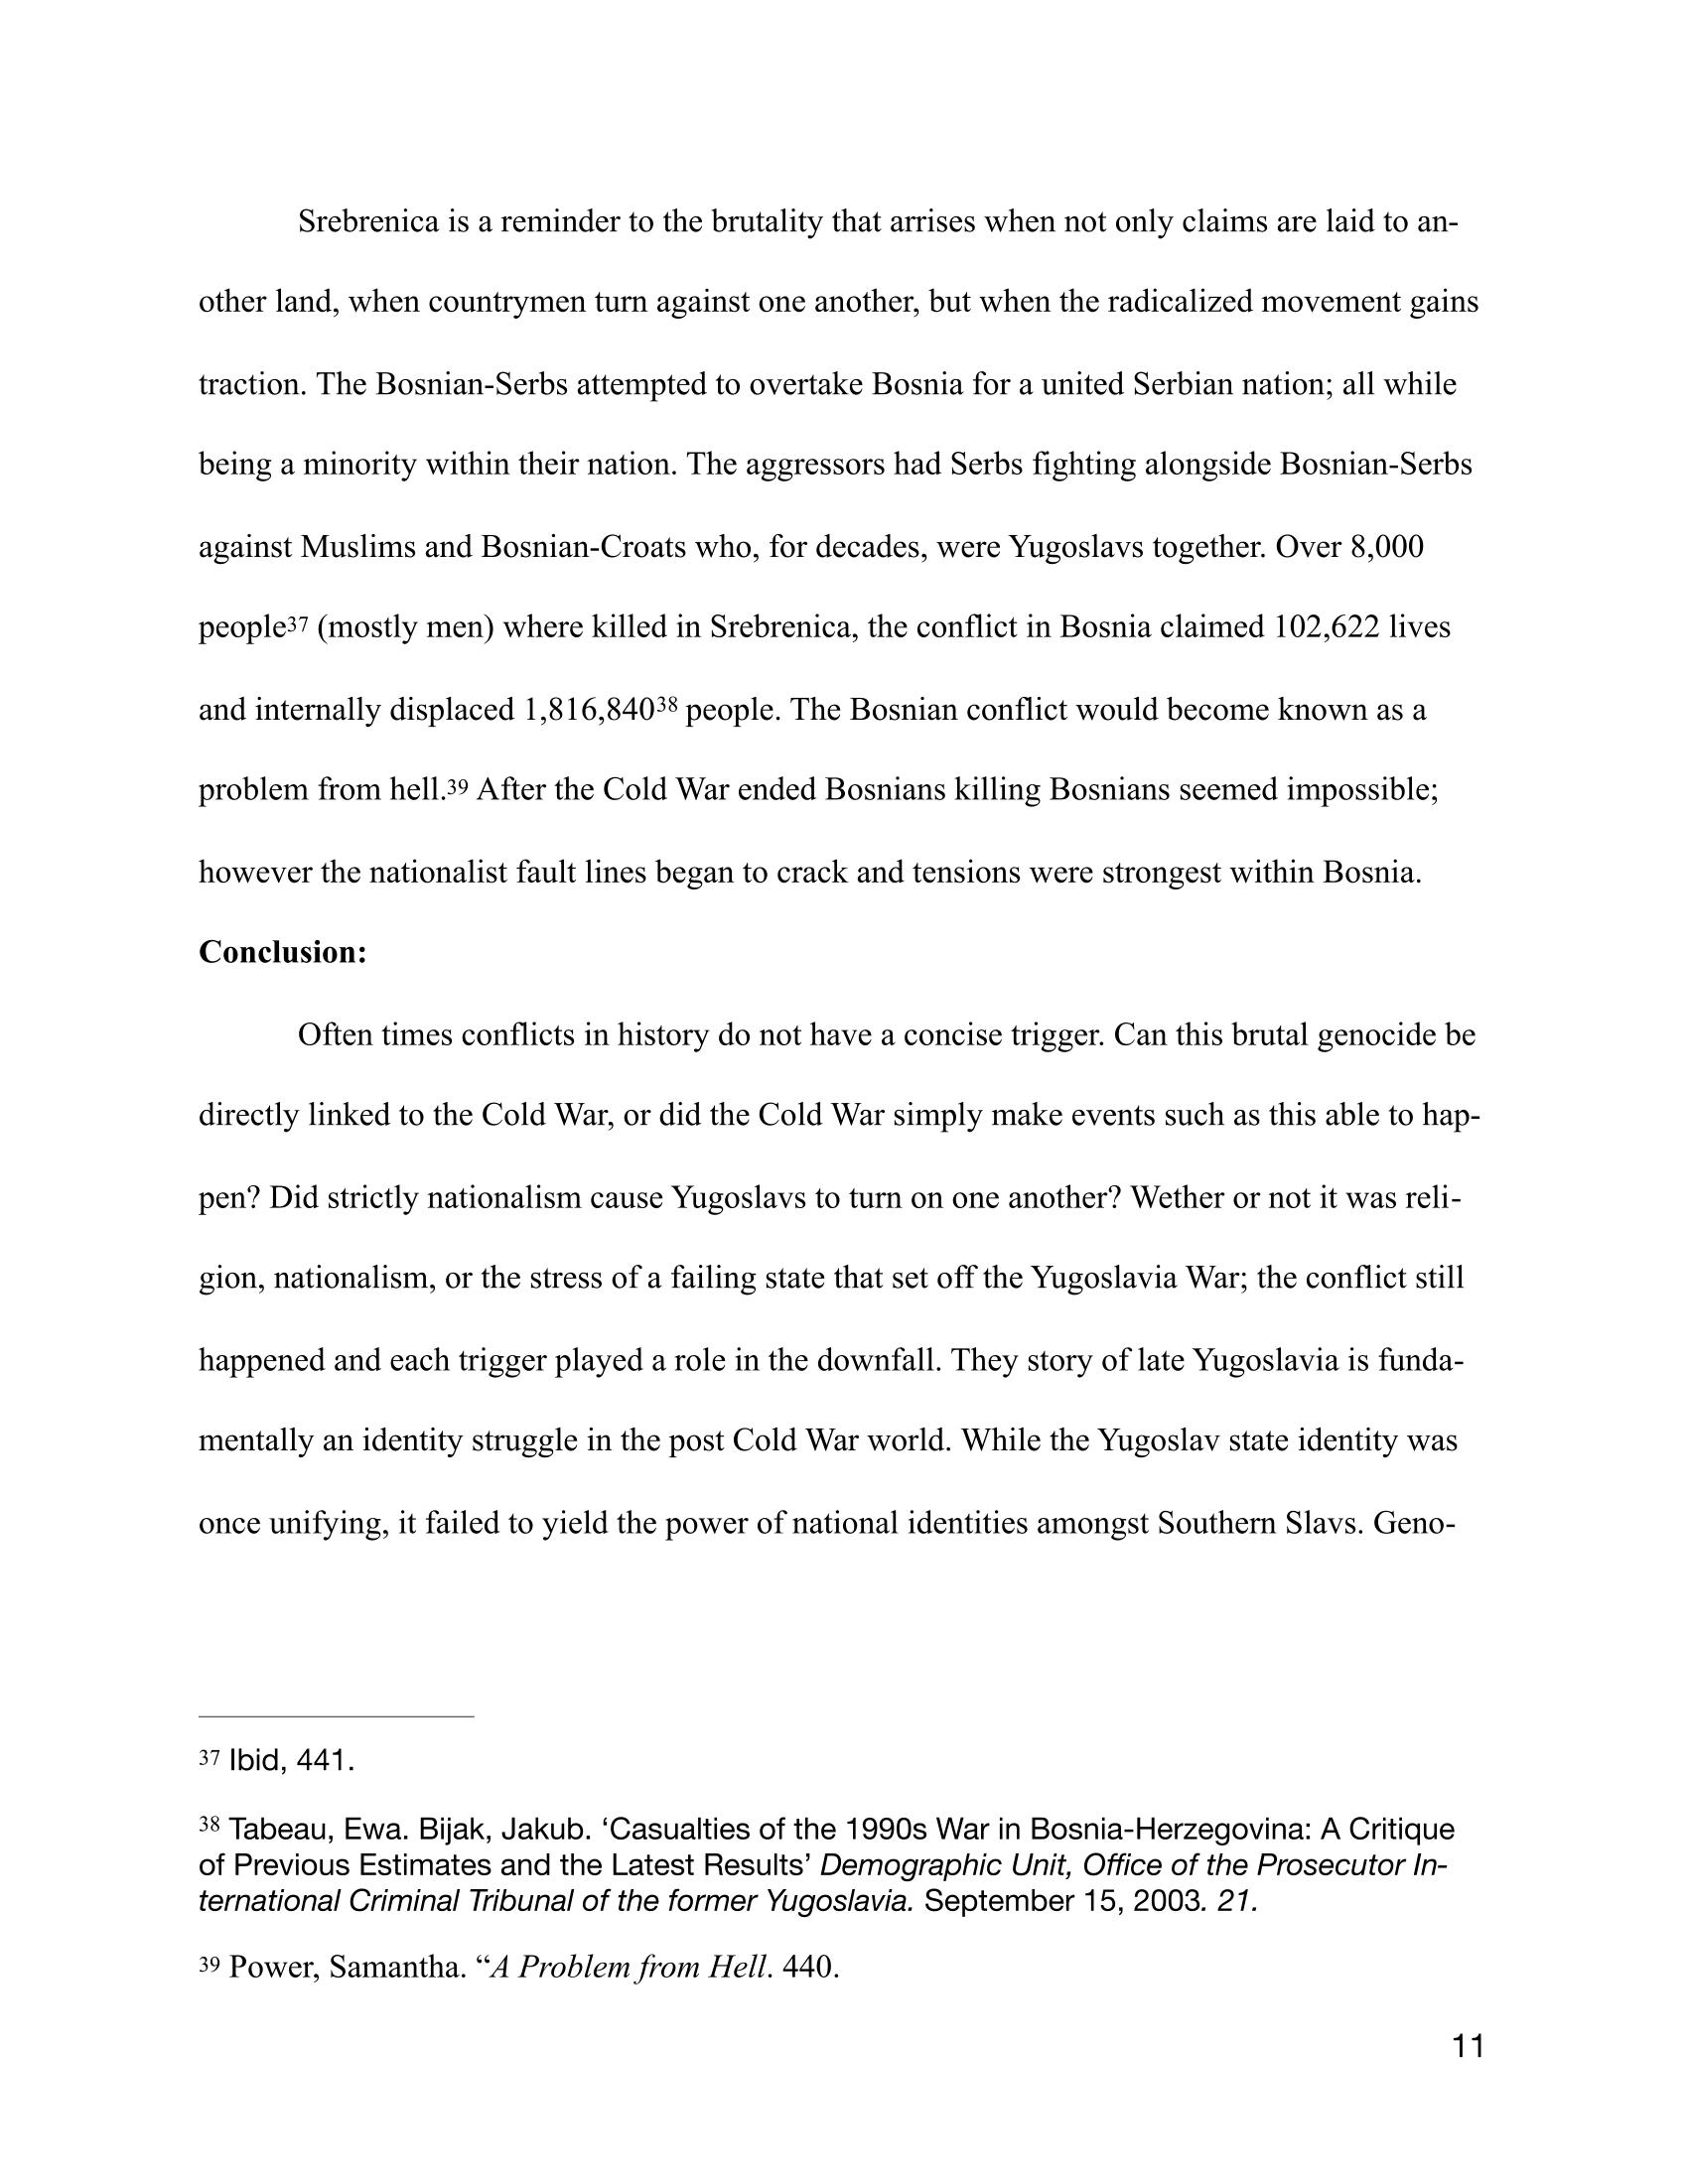 Yugoslavia_Final-Draft_Milner_pdf-11.png